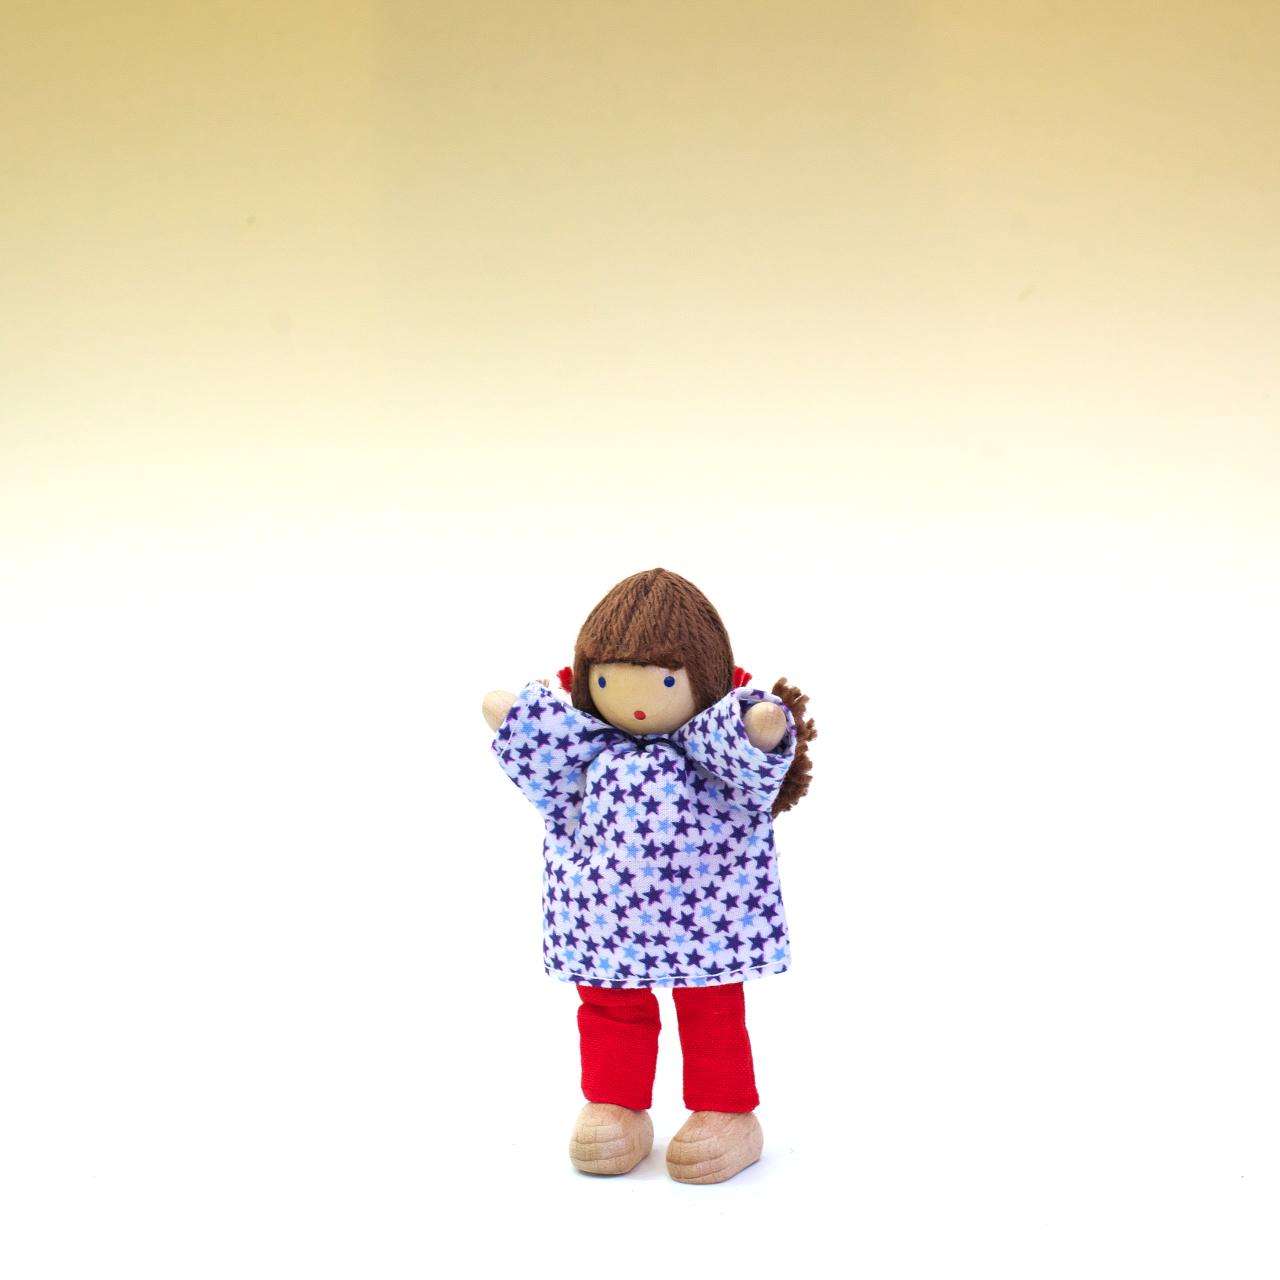 ヘアヴィック 星のシャツの女の子